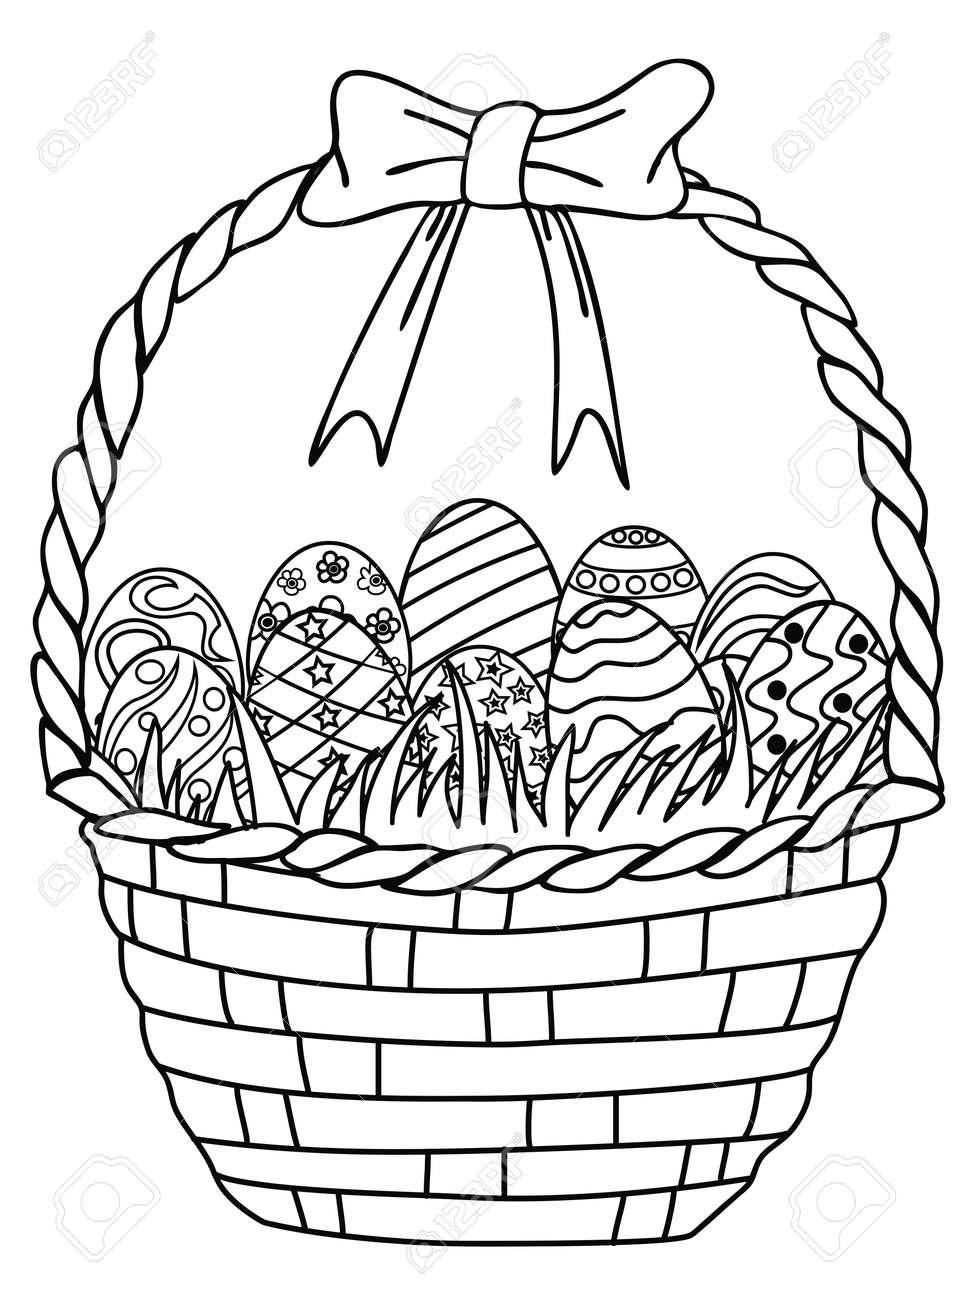 Kleurplaten Pasen Eieren.Geisoleerde Hand Getrokken Mandje Van Pasen Eieren Overzicht